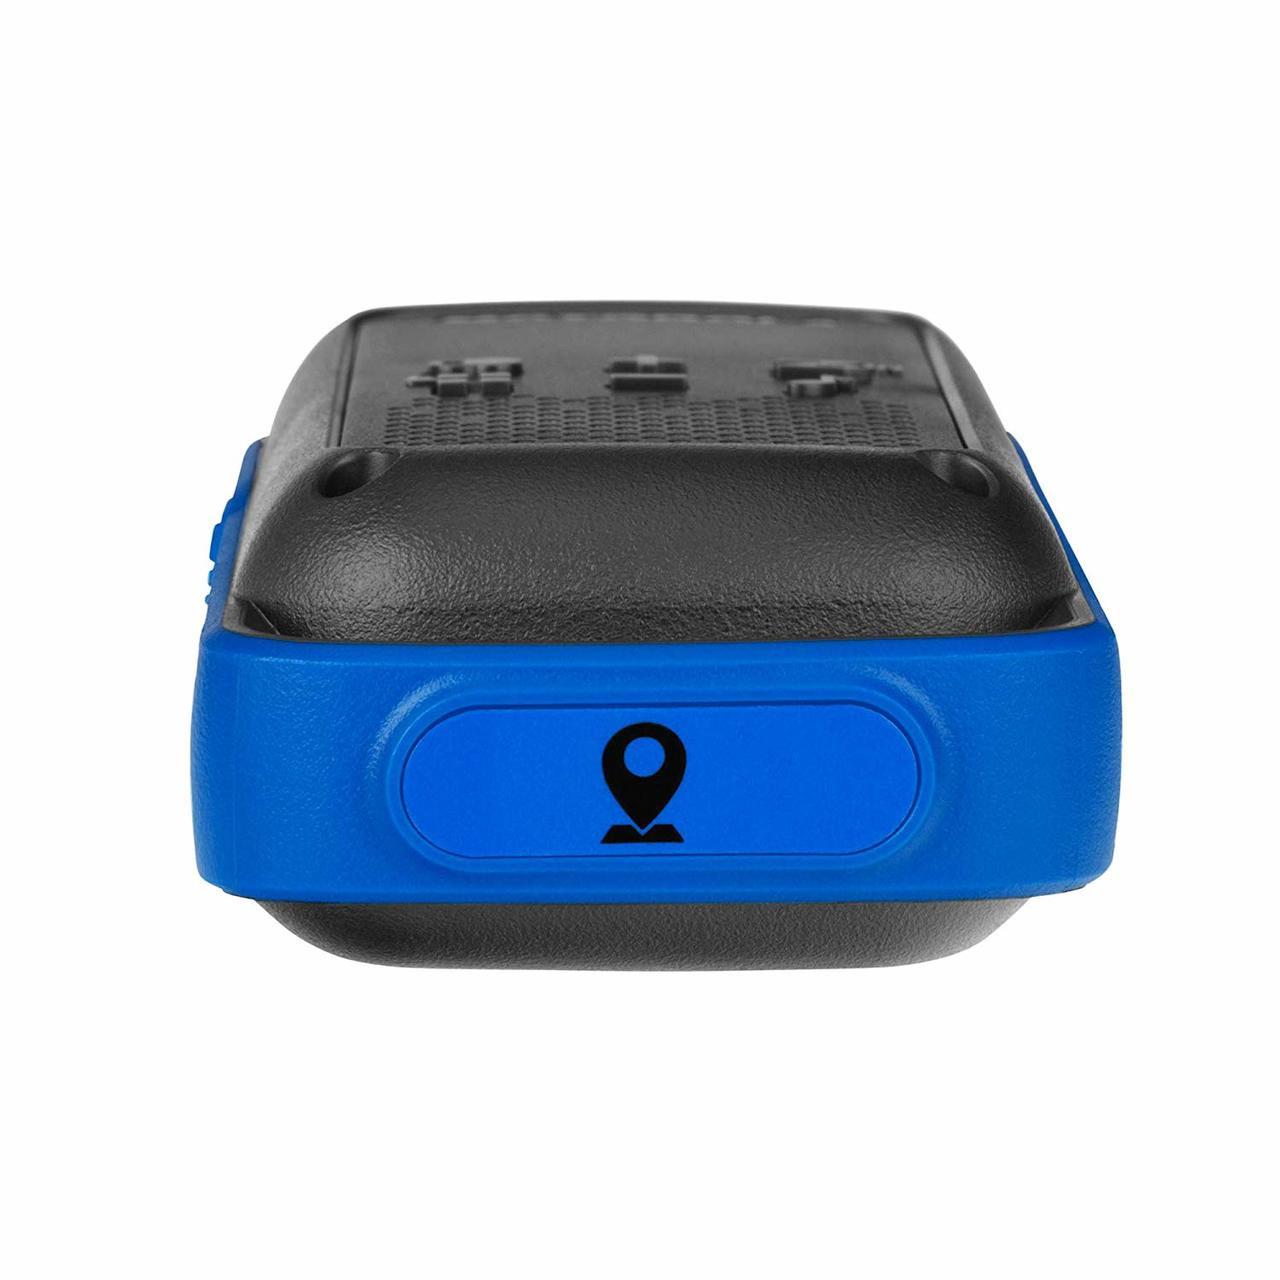 Motorola T800 Weatherproof Talkabout walkie talkie